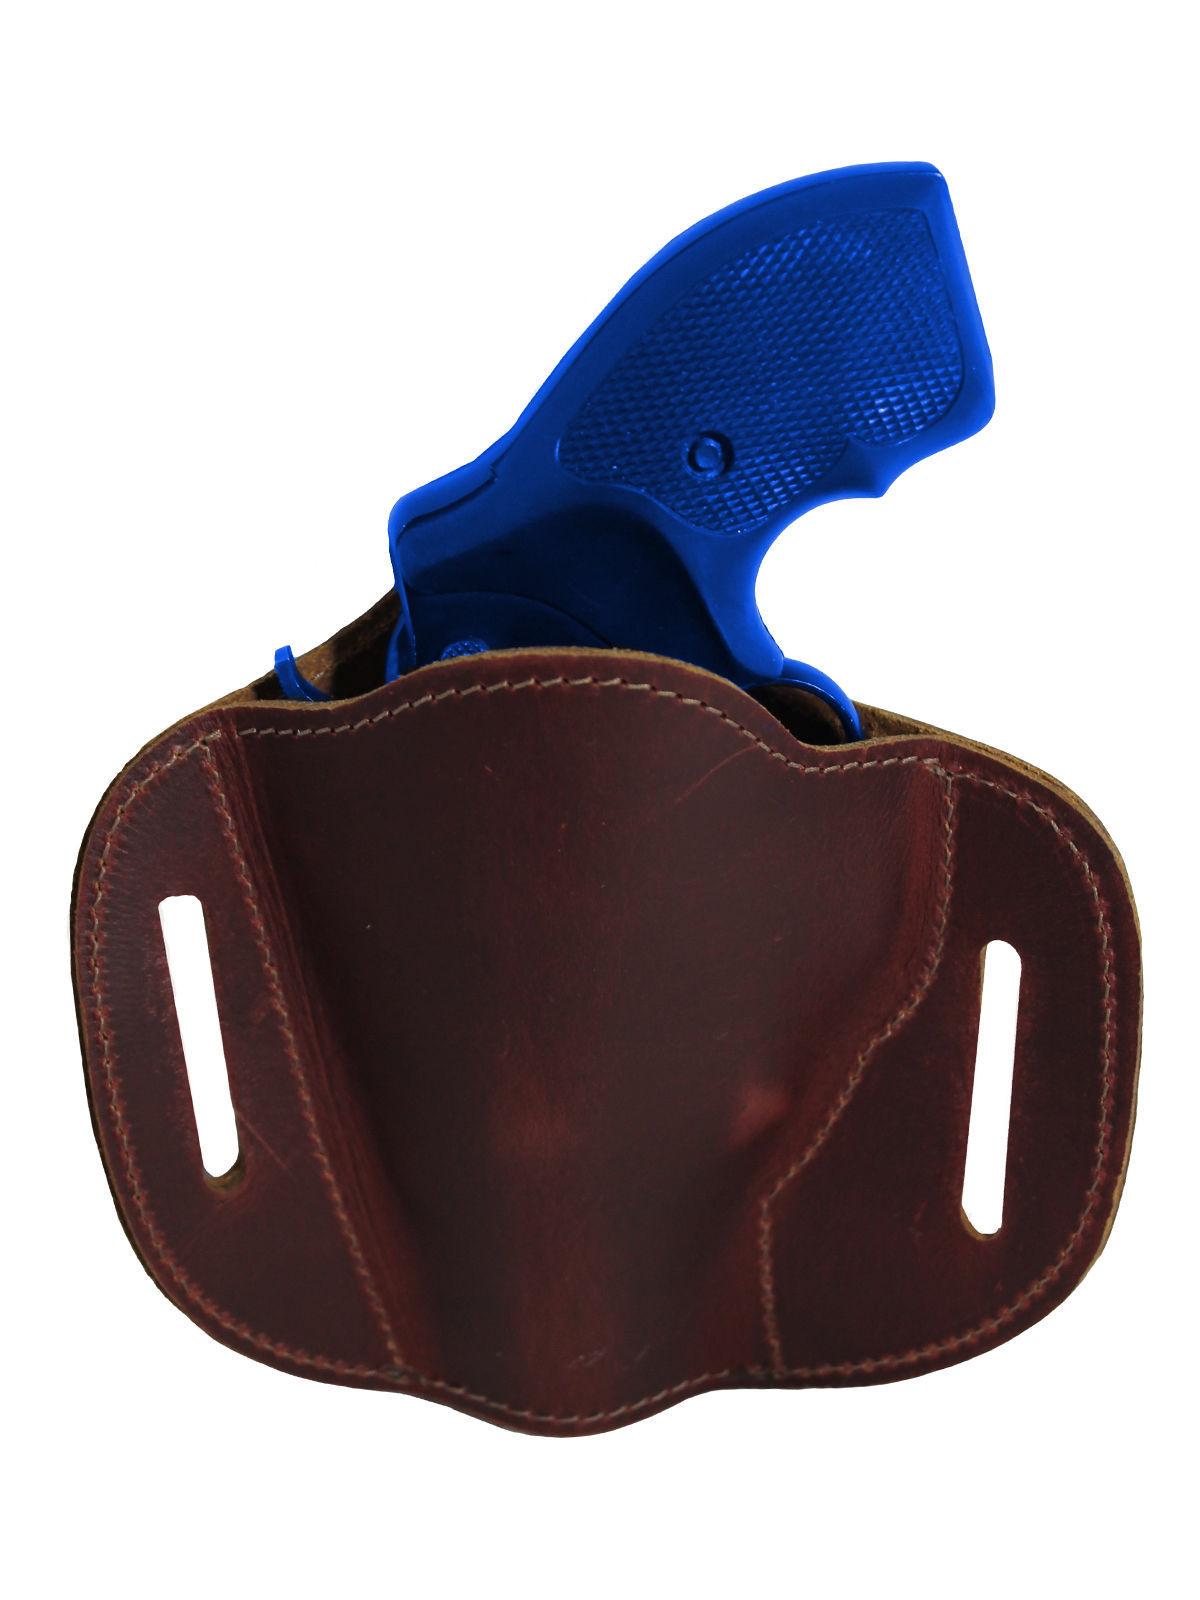 """New Barsony Burgundy Leather Pancake Slide Holster for Snub Nose 2"""" Revolvers"""